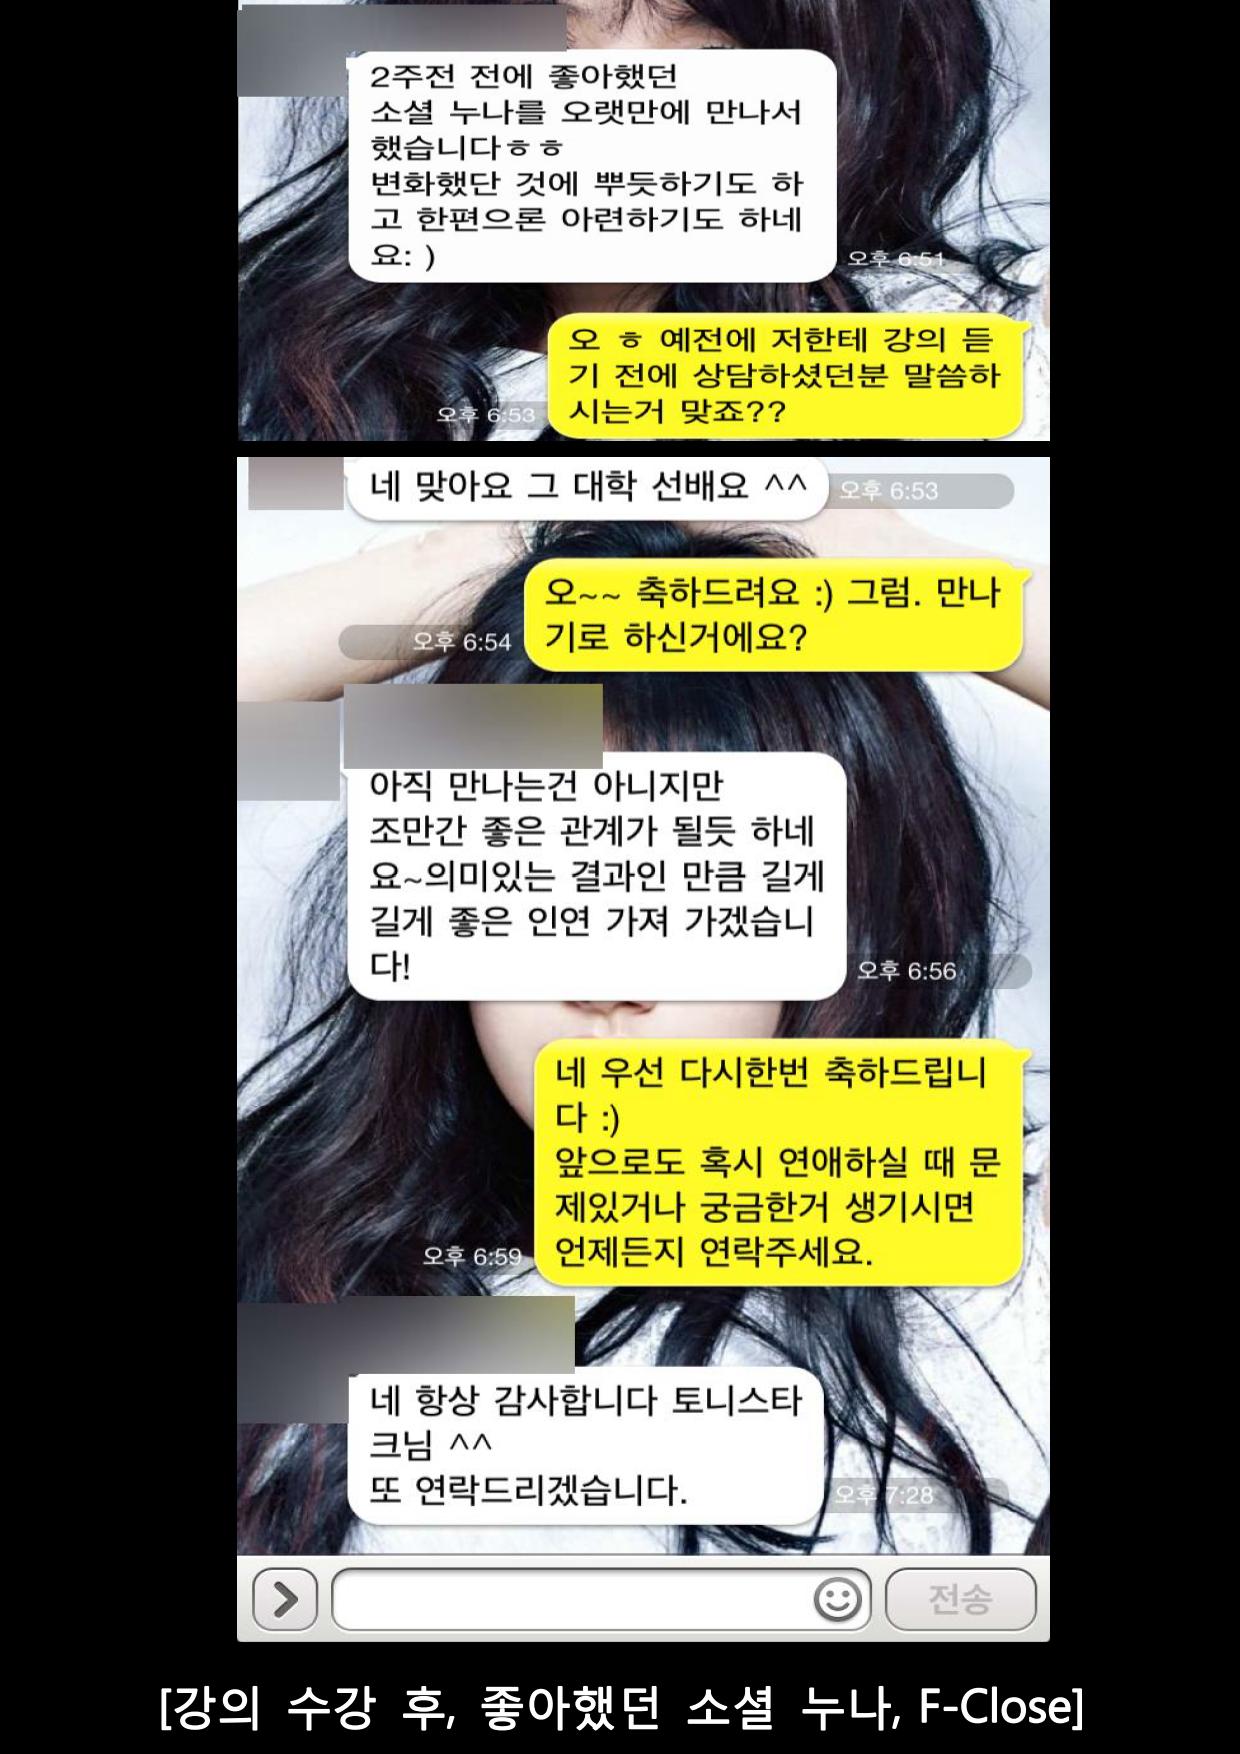 본 머티리어 1회차 홍보글 v3(수강후기 따로 편집요함)_27.png